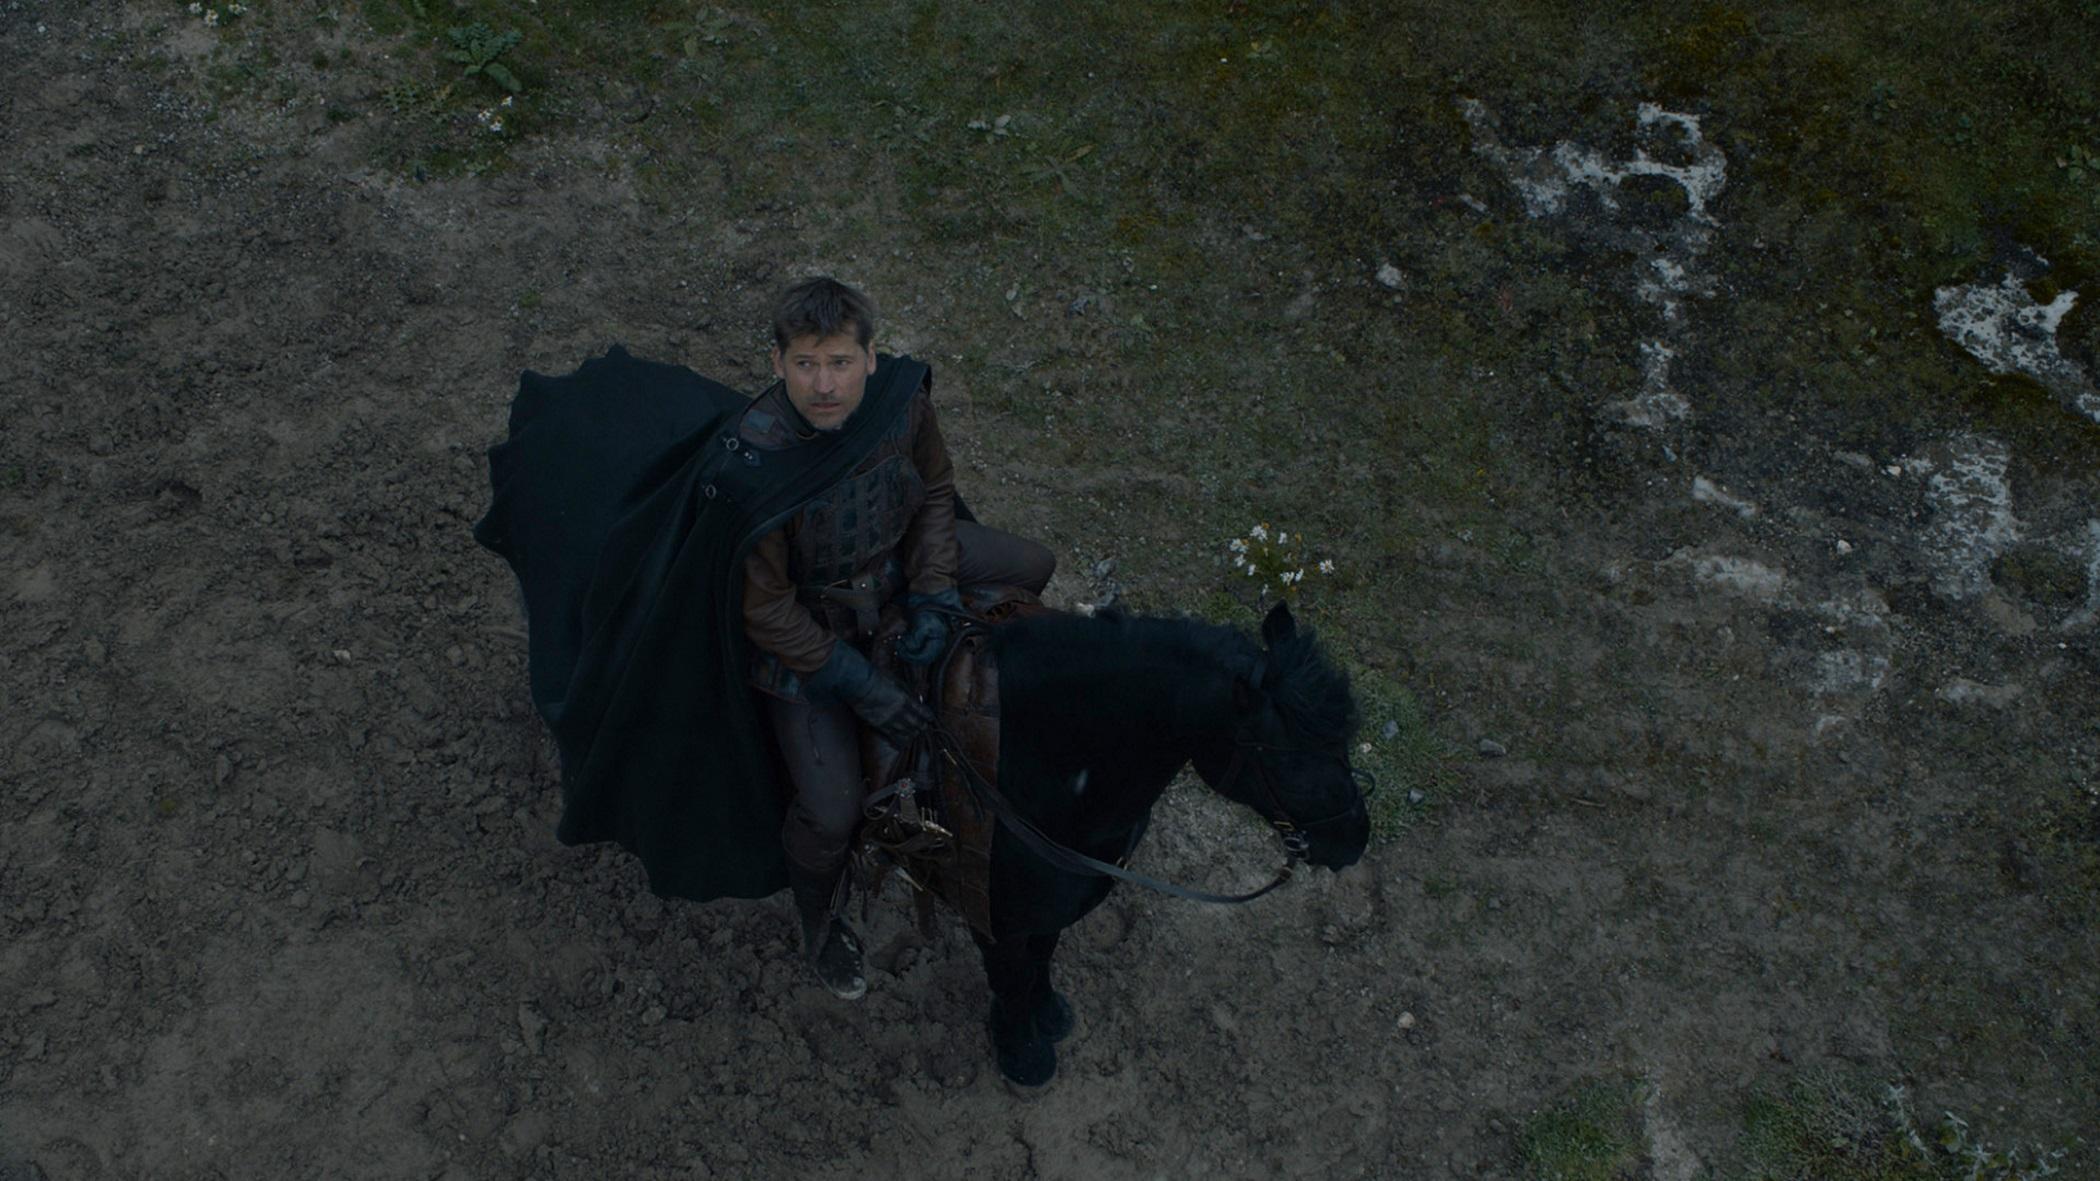 Jaime Lannister leaves episode 707